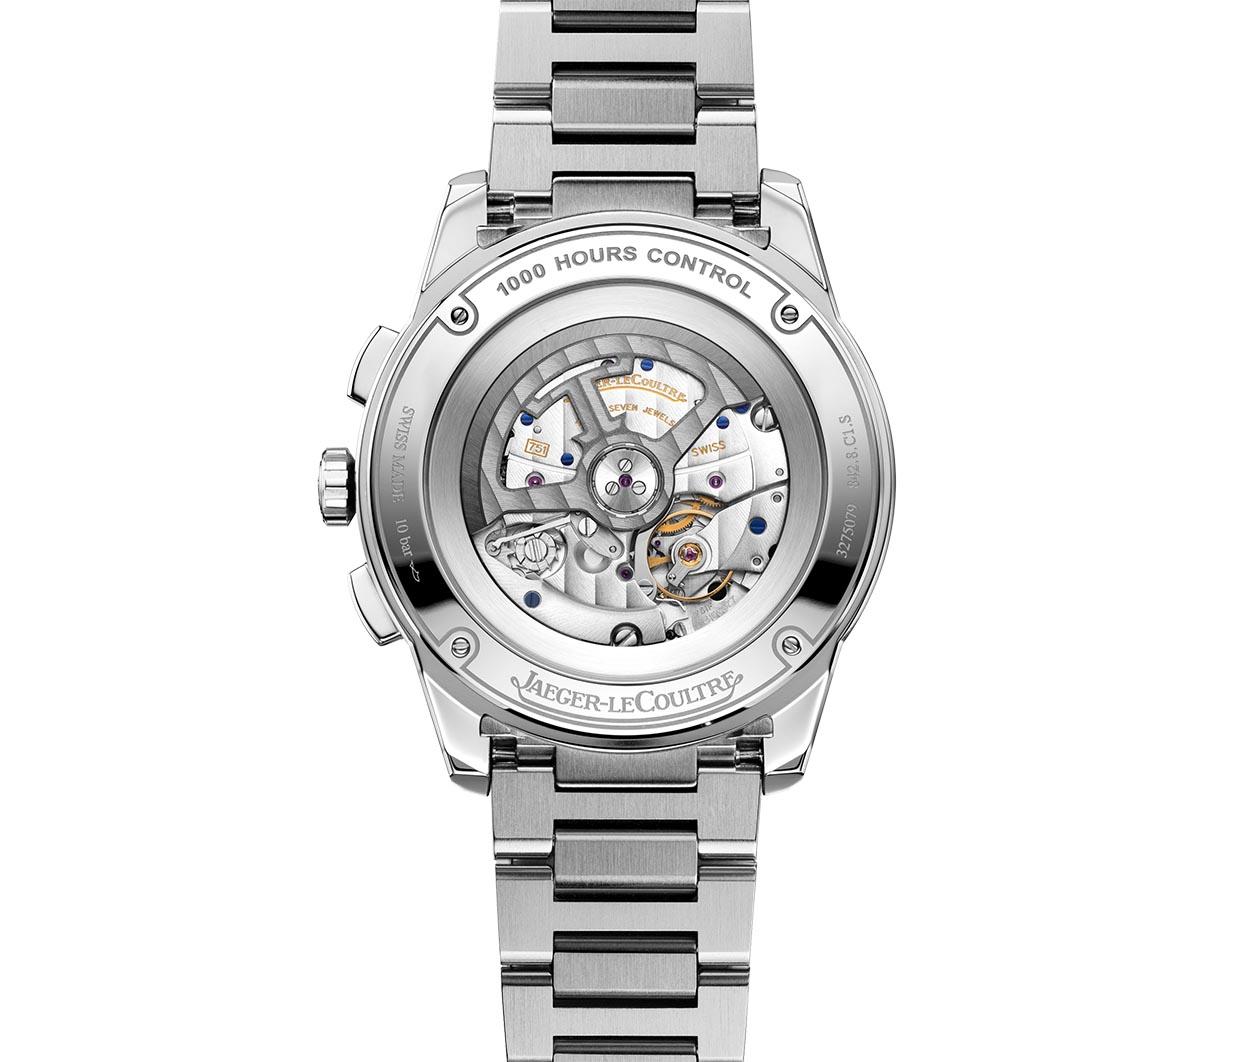 JaegerLeCoultre Polaris Chronograph 9028180 Carousel 3 FINAL